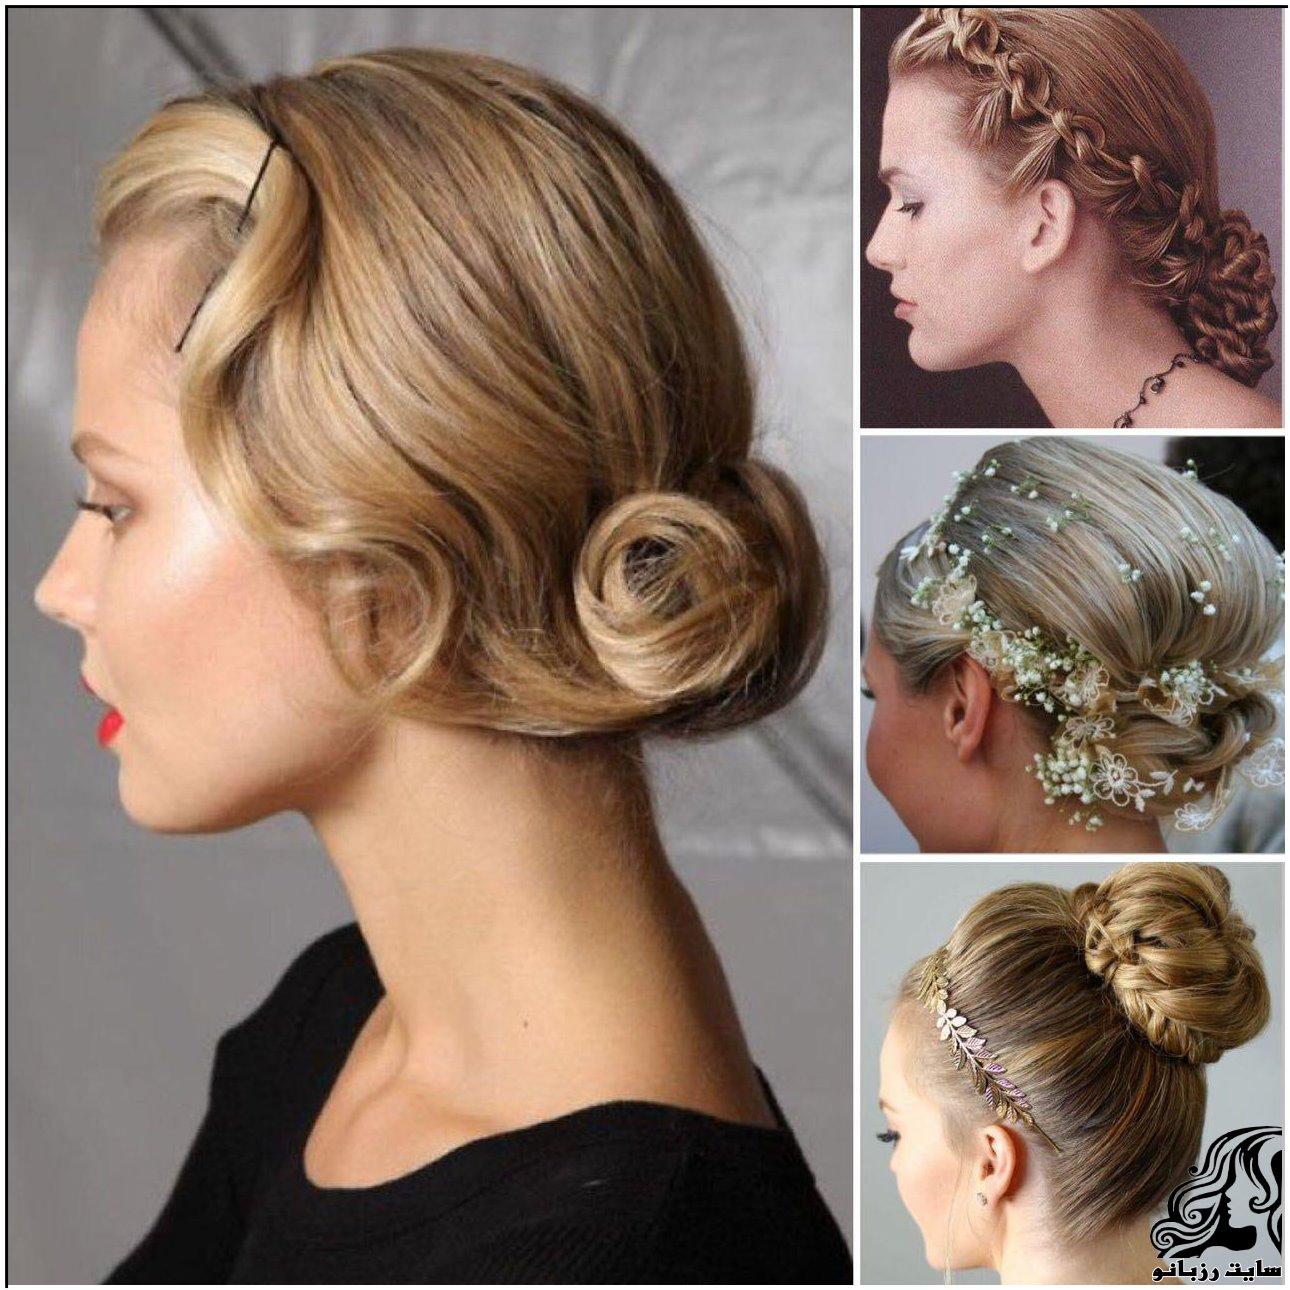 مدل های زیبای بافت مو به سبک رزبانو